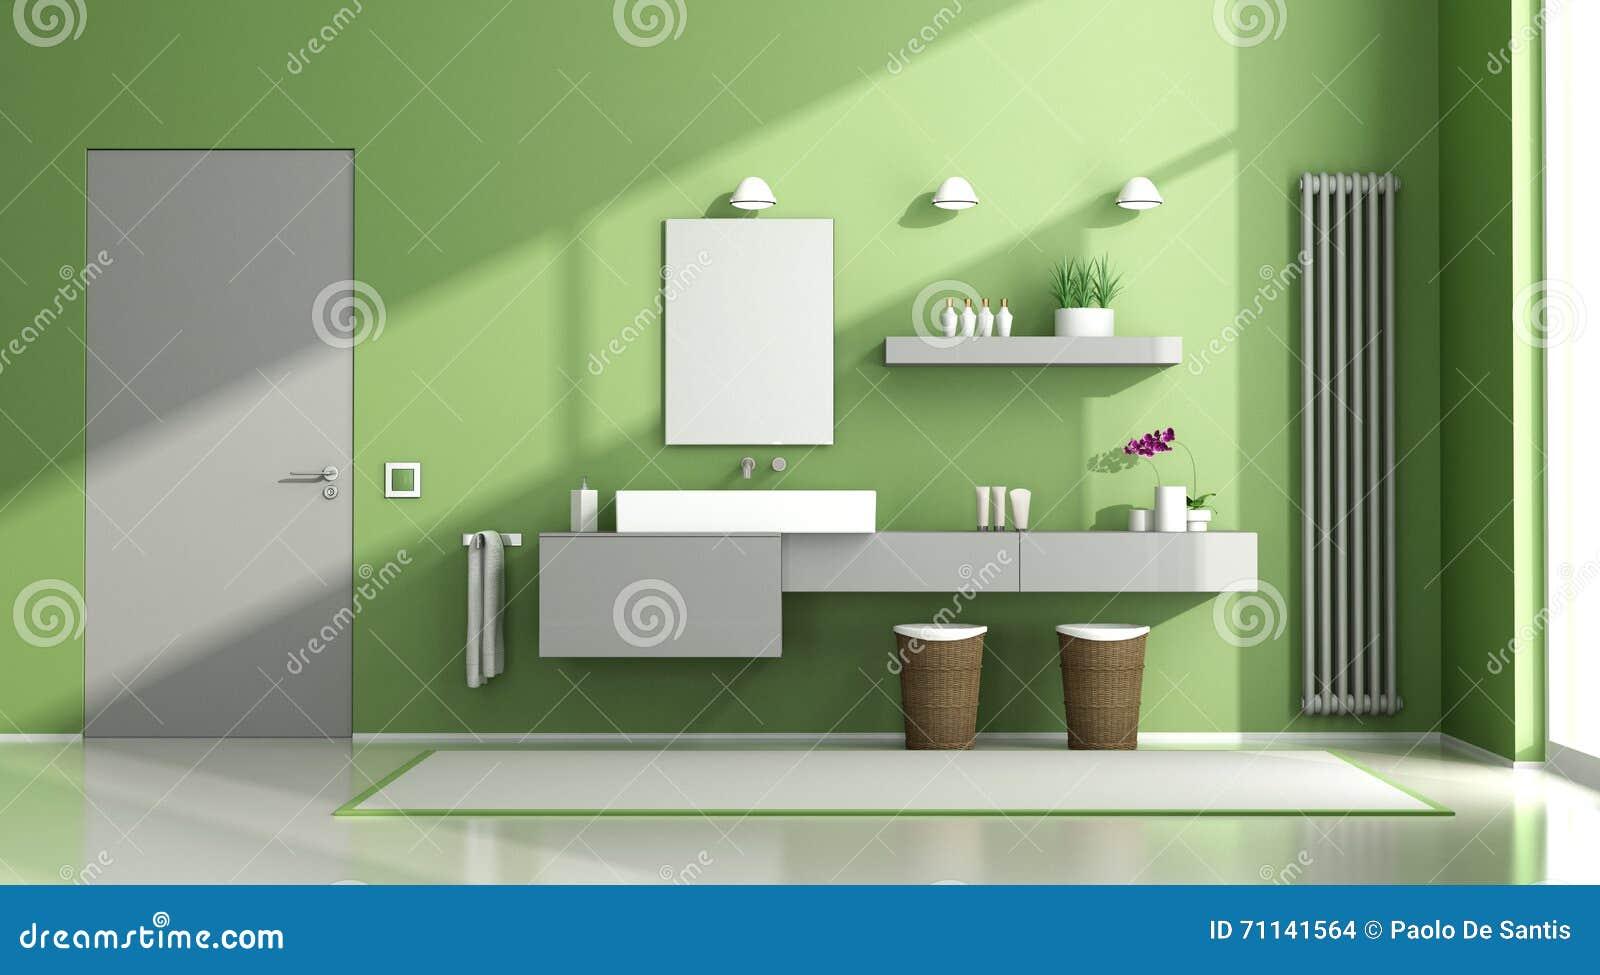 Bagno Verde E Grigio Illustrazione di Stock - Immagine: 71141564